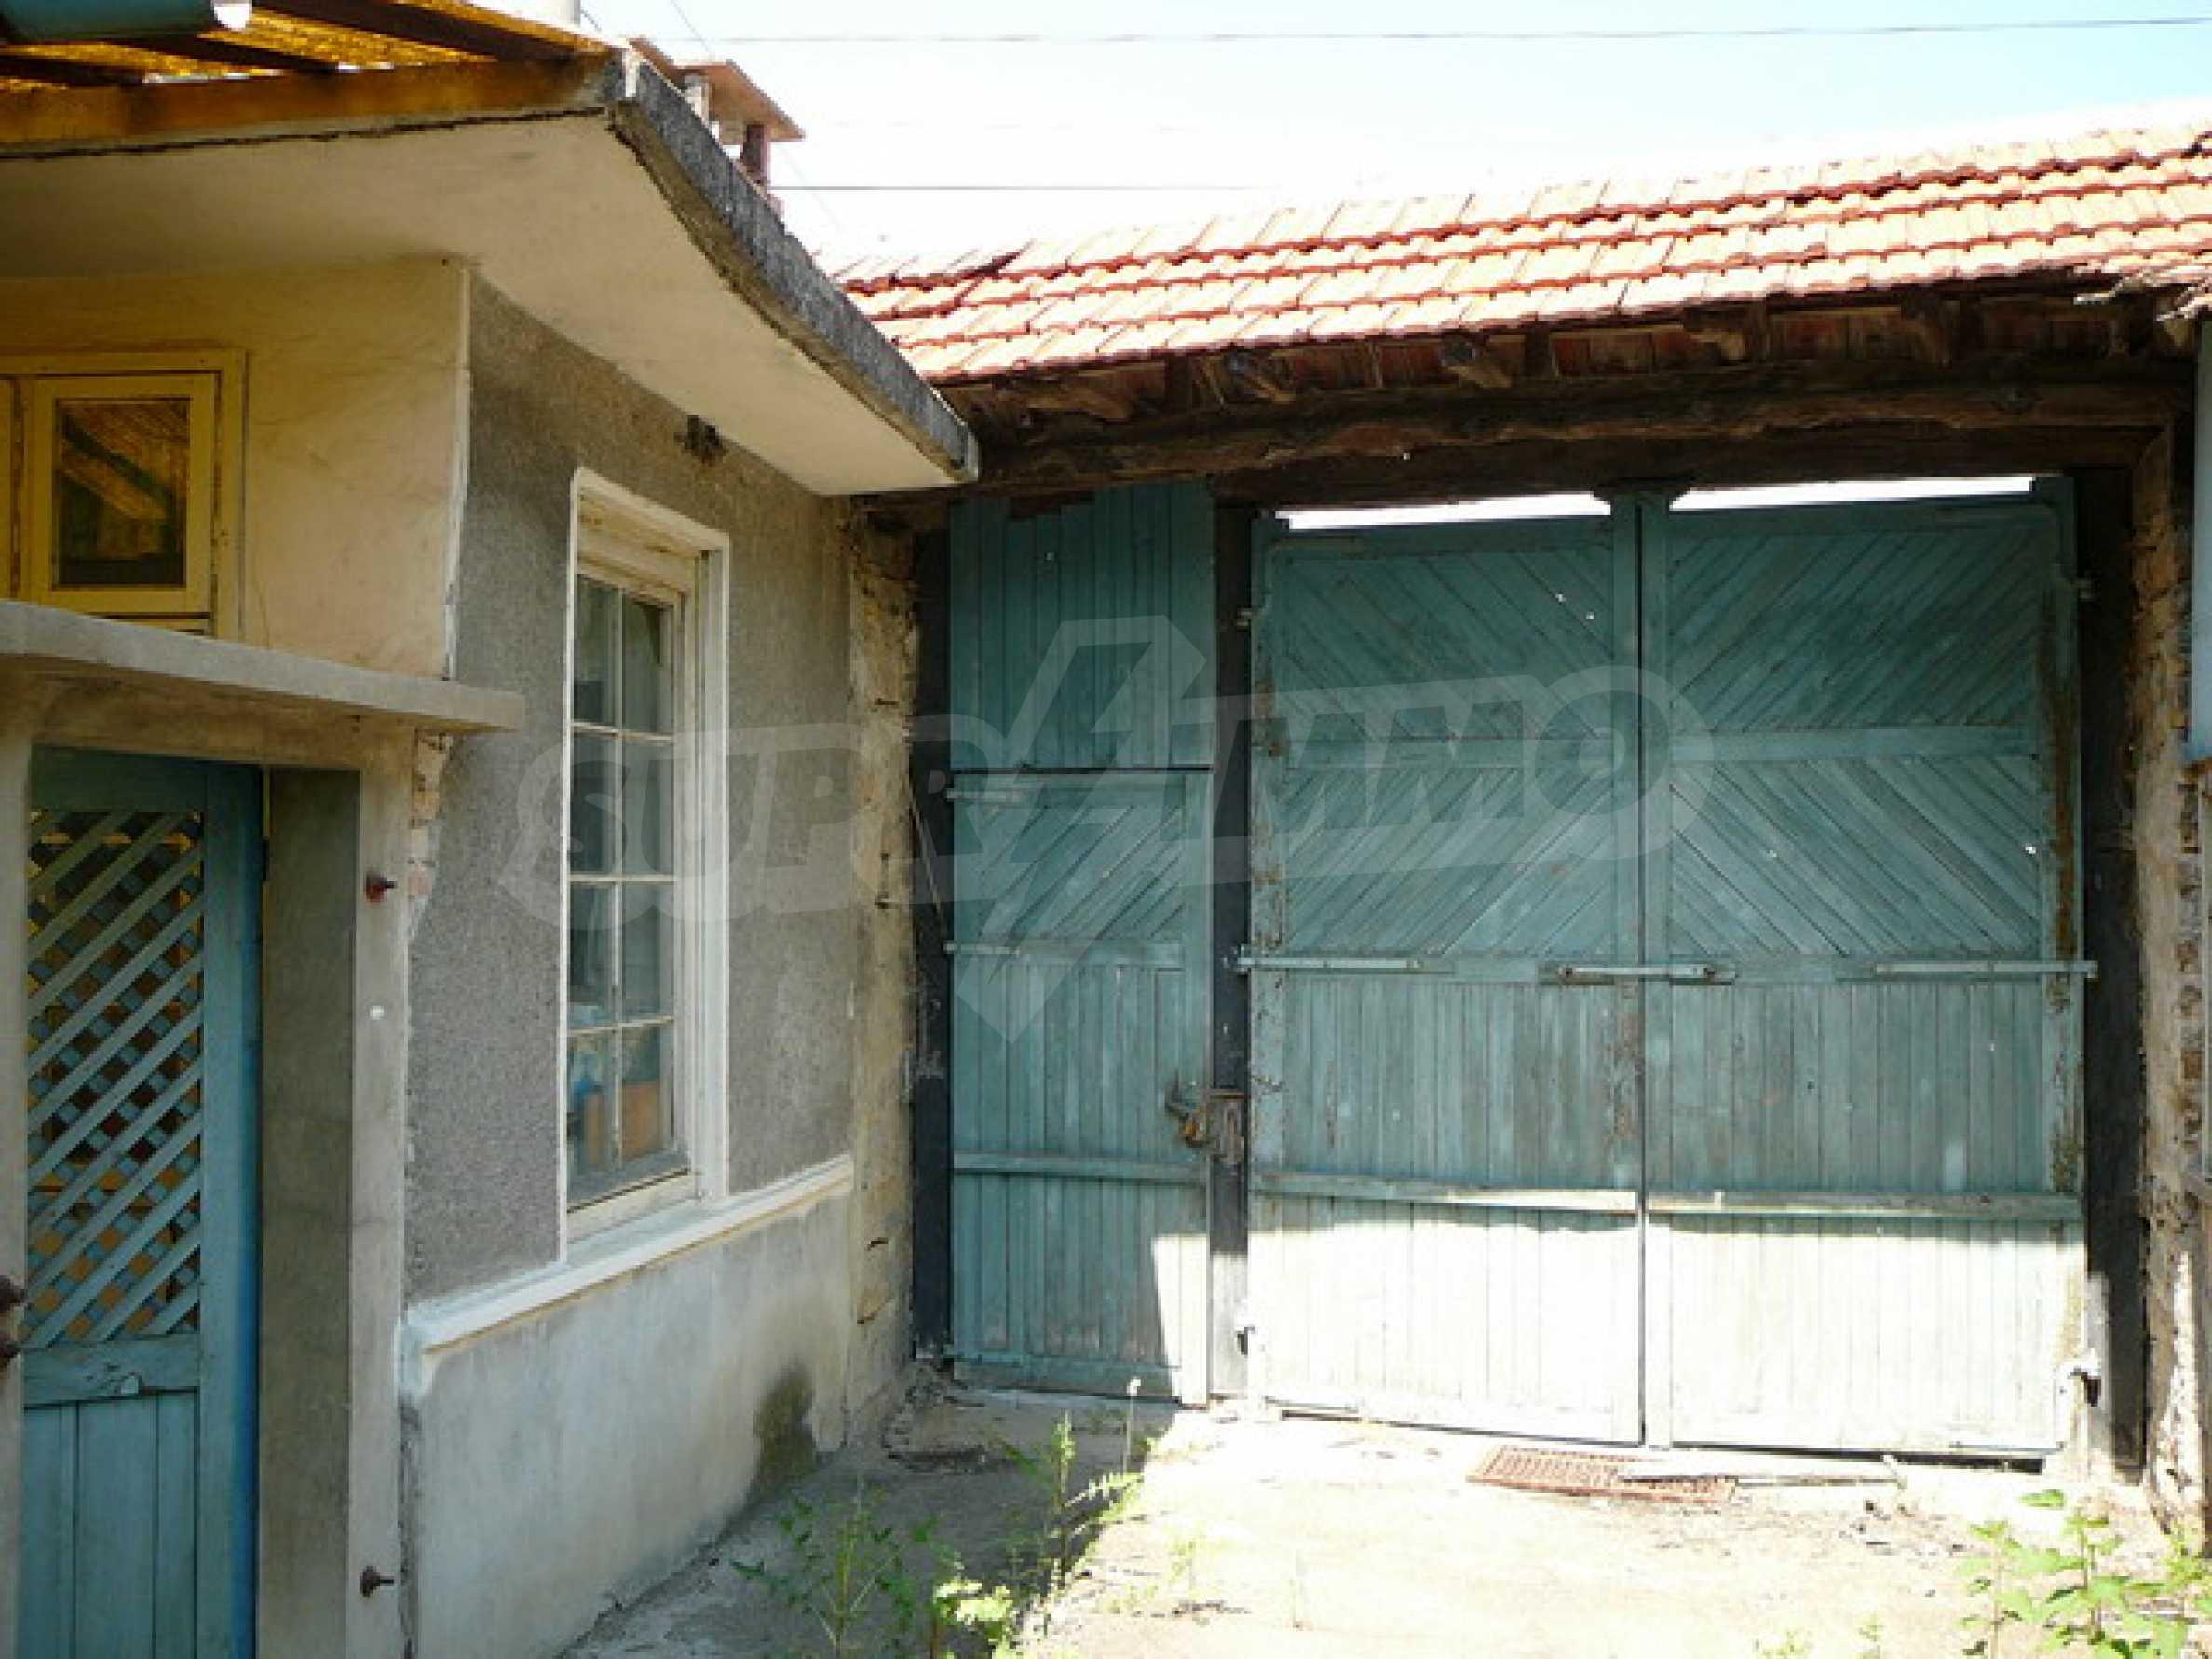 Къща за продажба близо до гр. Велико Търново 41